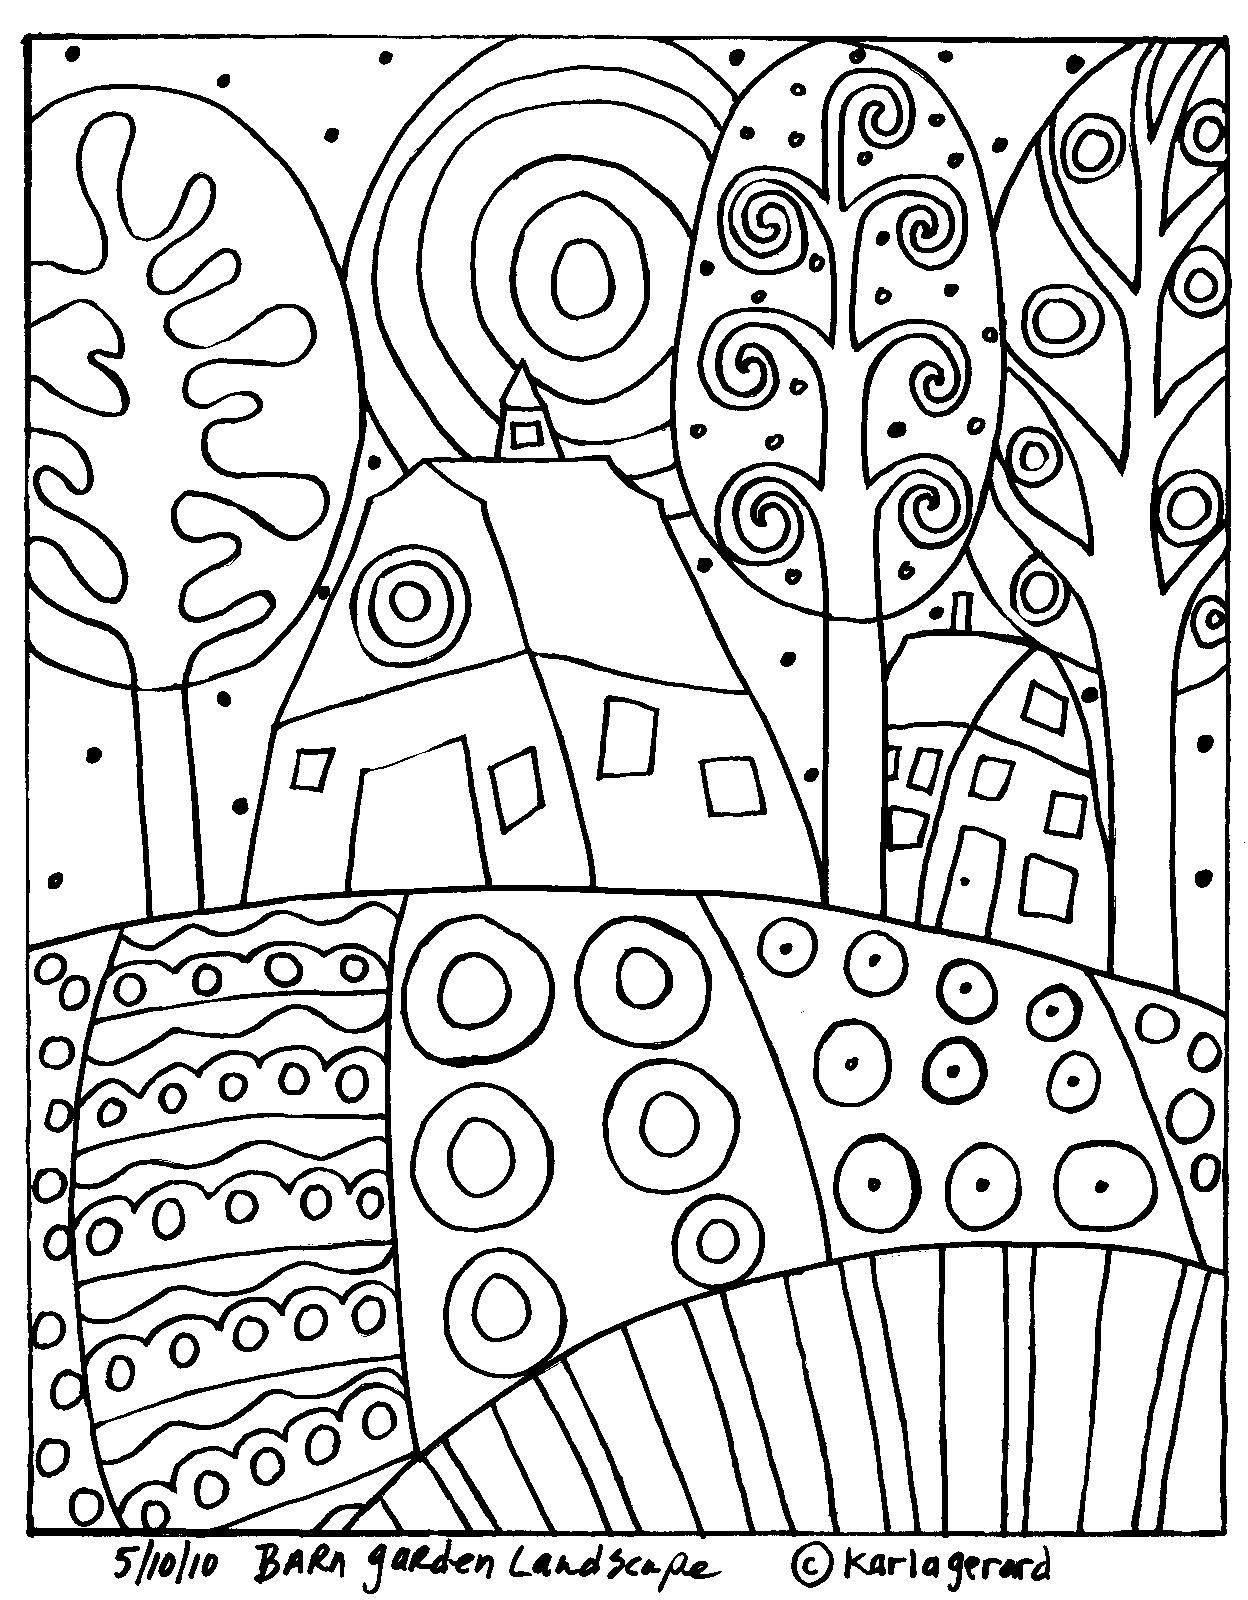 Free coloring pages landscapes - Free Rug Hooking Patterns Barn Garden Landscape Rug Hook Paper Pattern